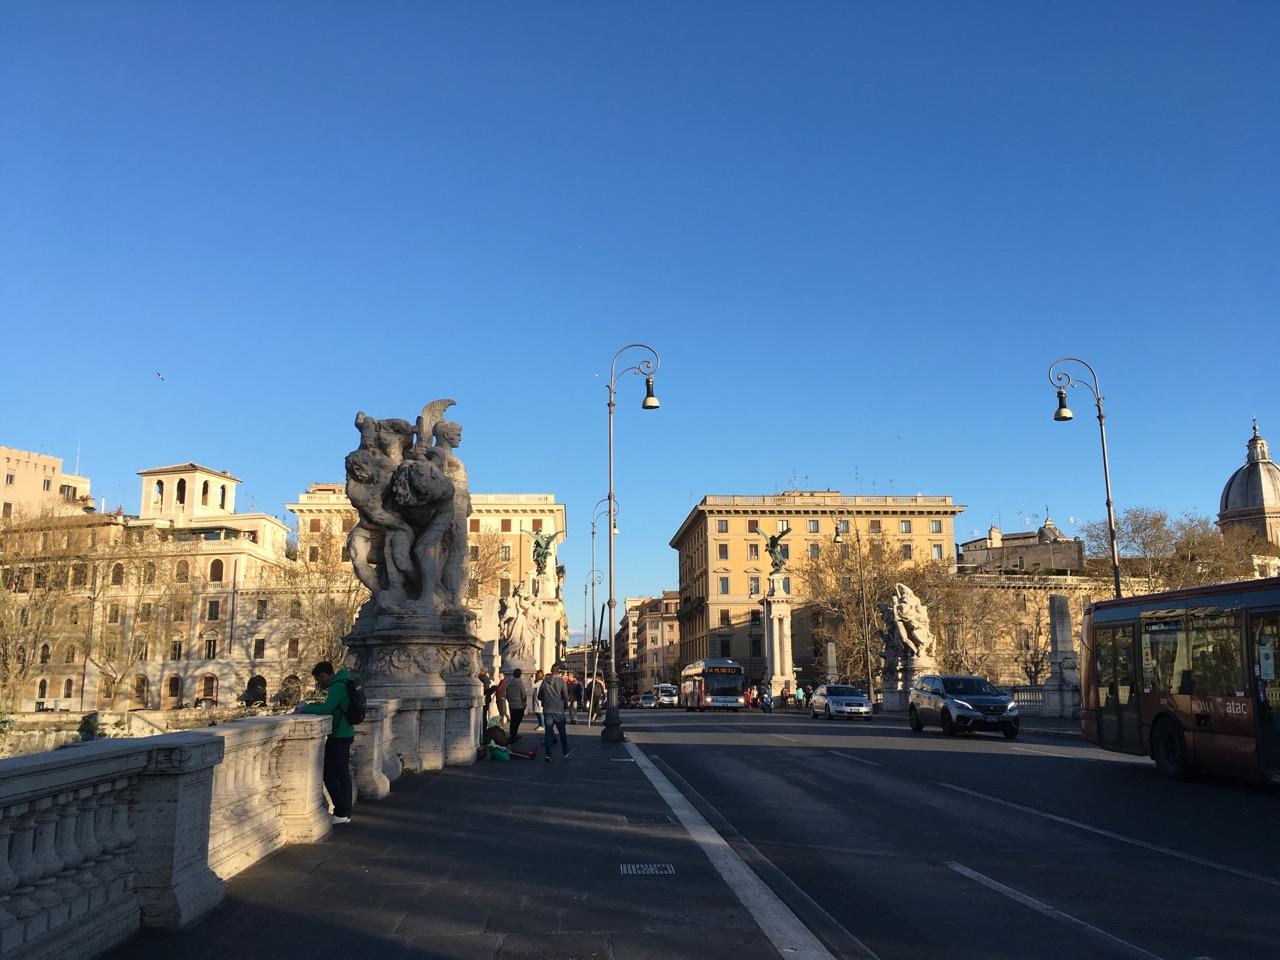 另外一座人少的桥,后来才知道,我已经走到了梵蒂冈!!!